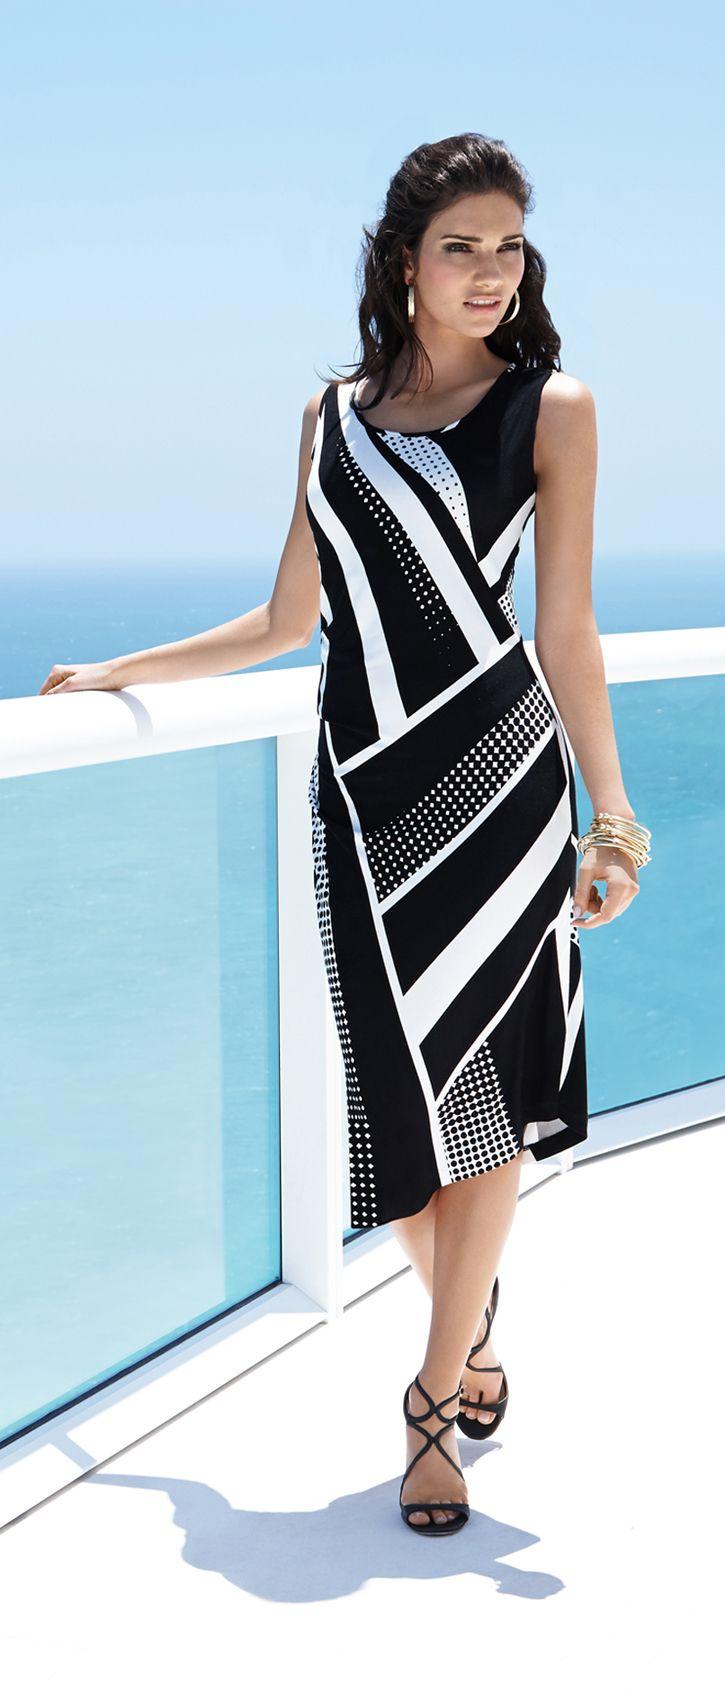 dc5caf9db7de3e Mixed Print Dress